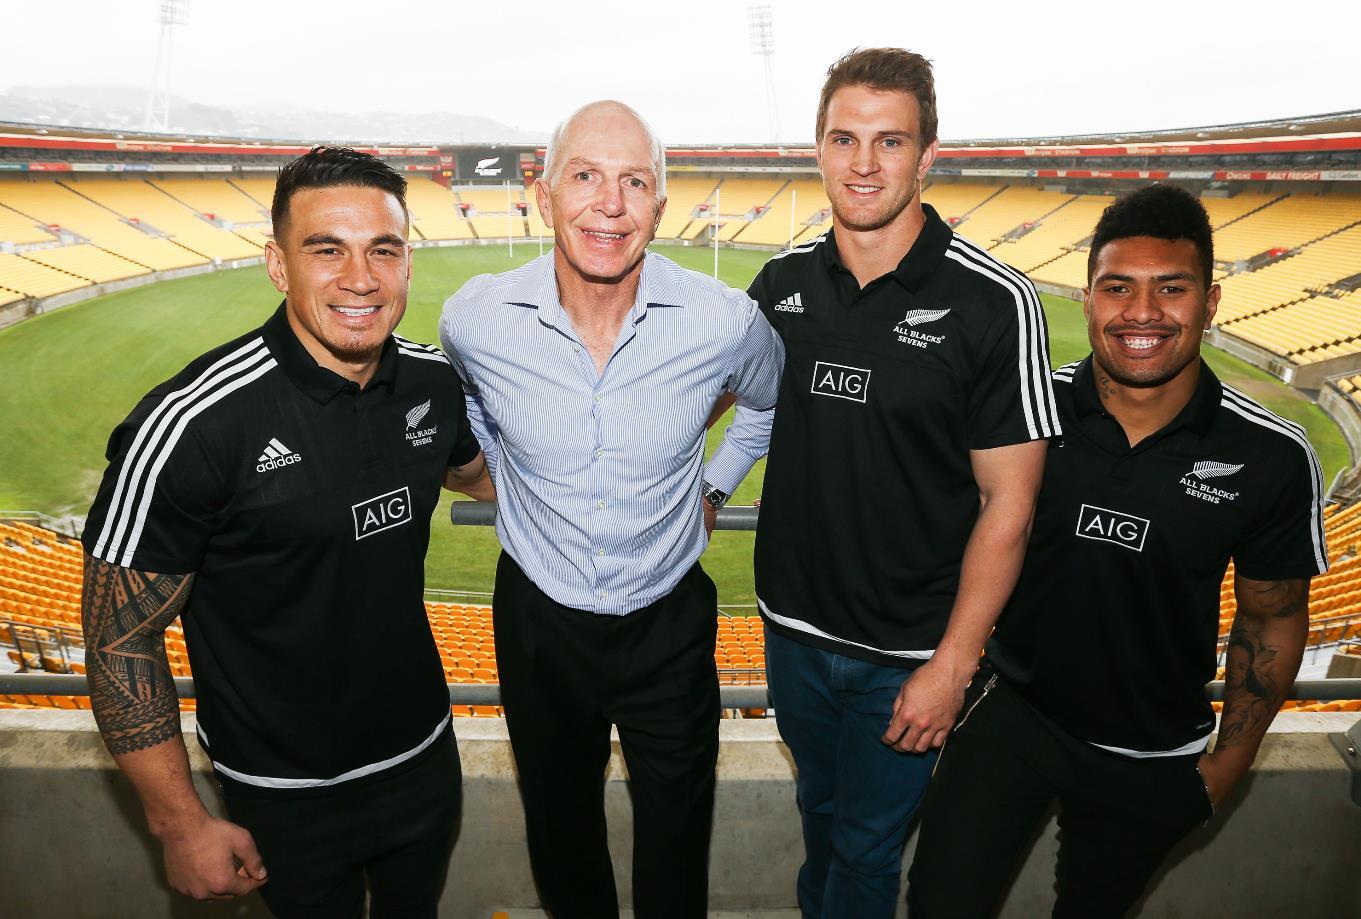 リオ五輪出場をめざすソニービル・ウィリアムズ(左)が7人制NZ代表入り(C)Getty Images